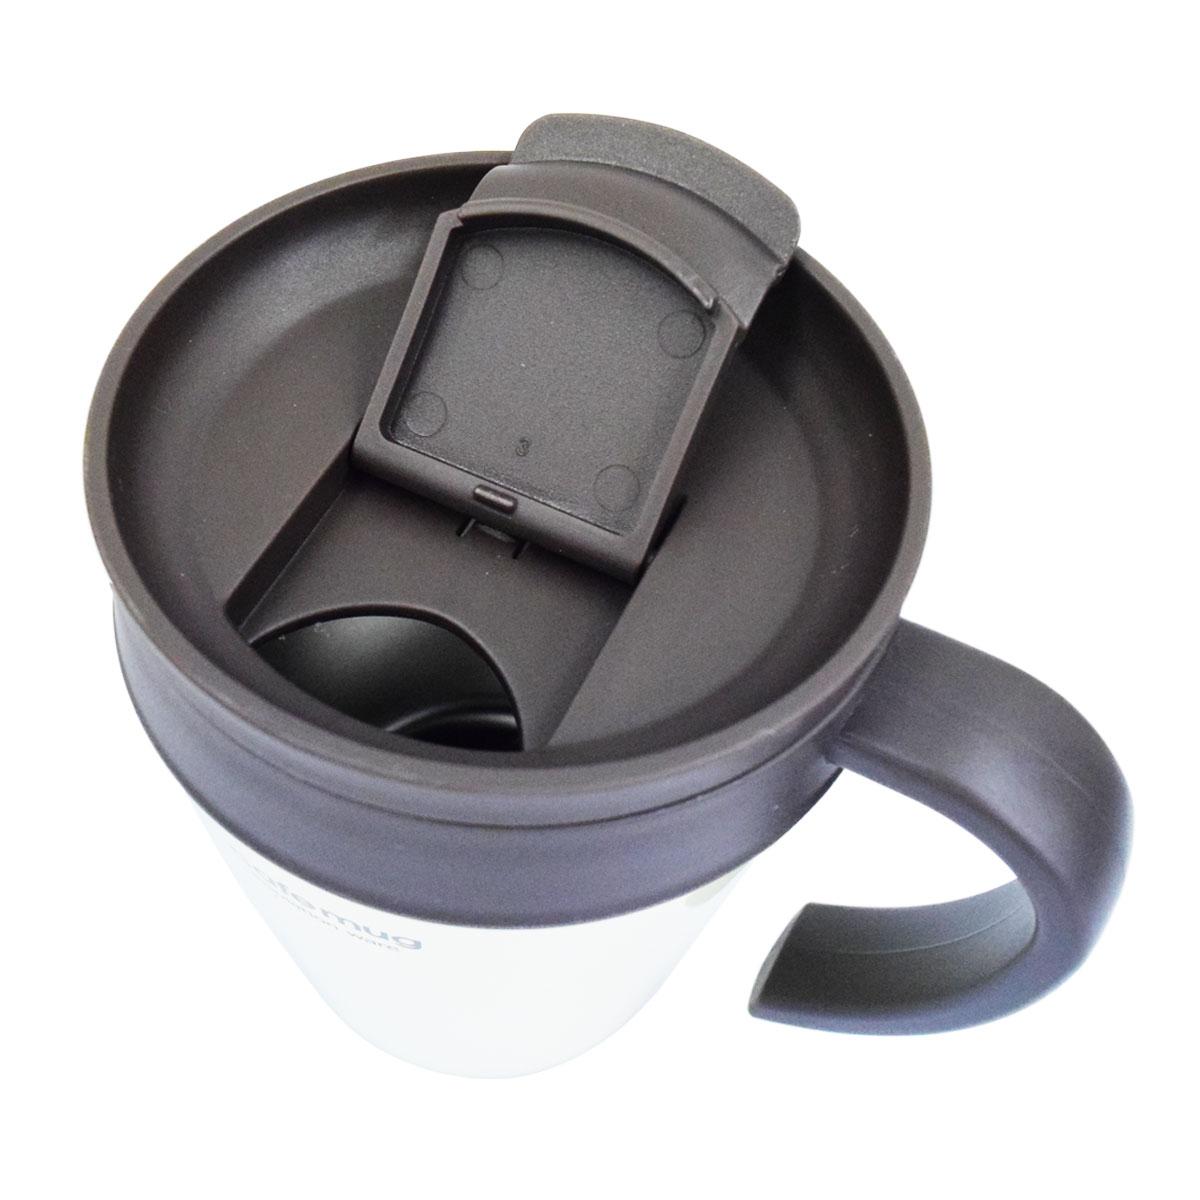 パール金属 V&S 真空蓋付ストレートマグカップ 400ml